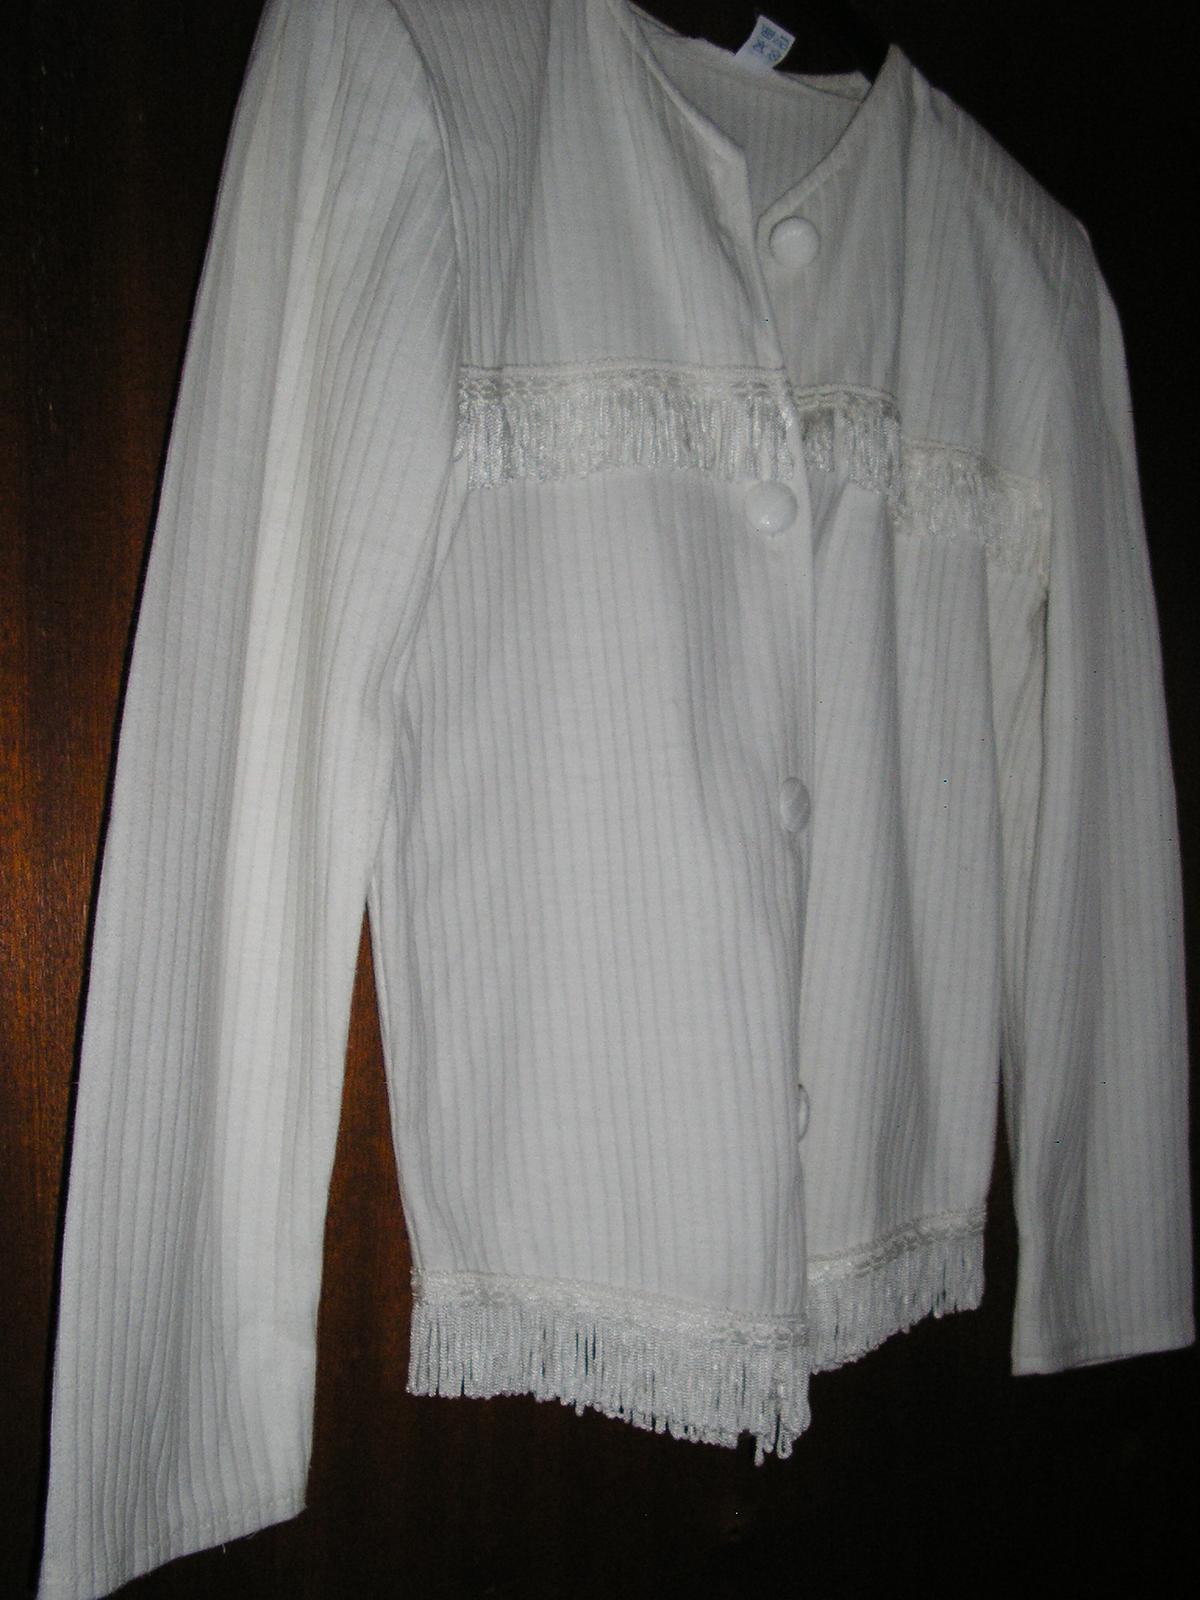 529. Biela blúzka príp. kabátik - Obrázok č. 1